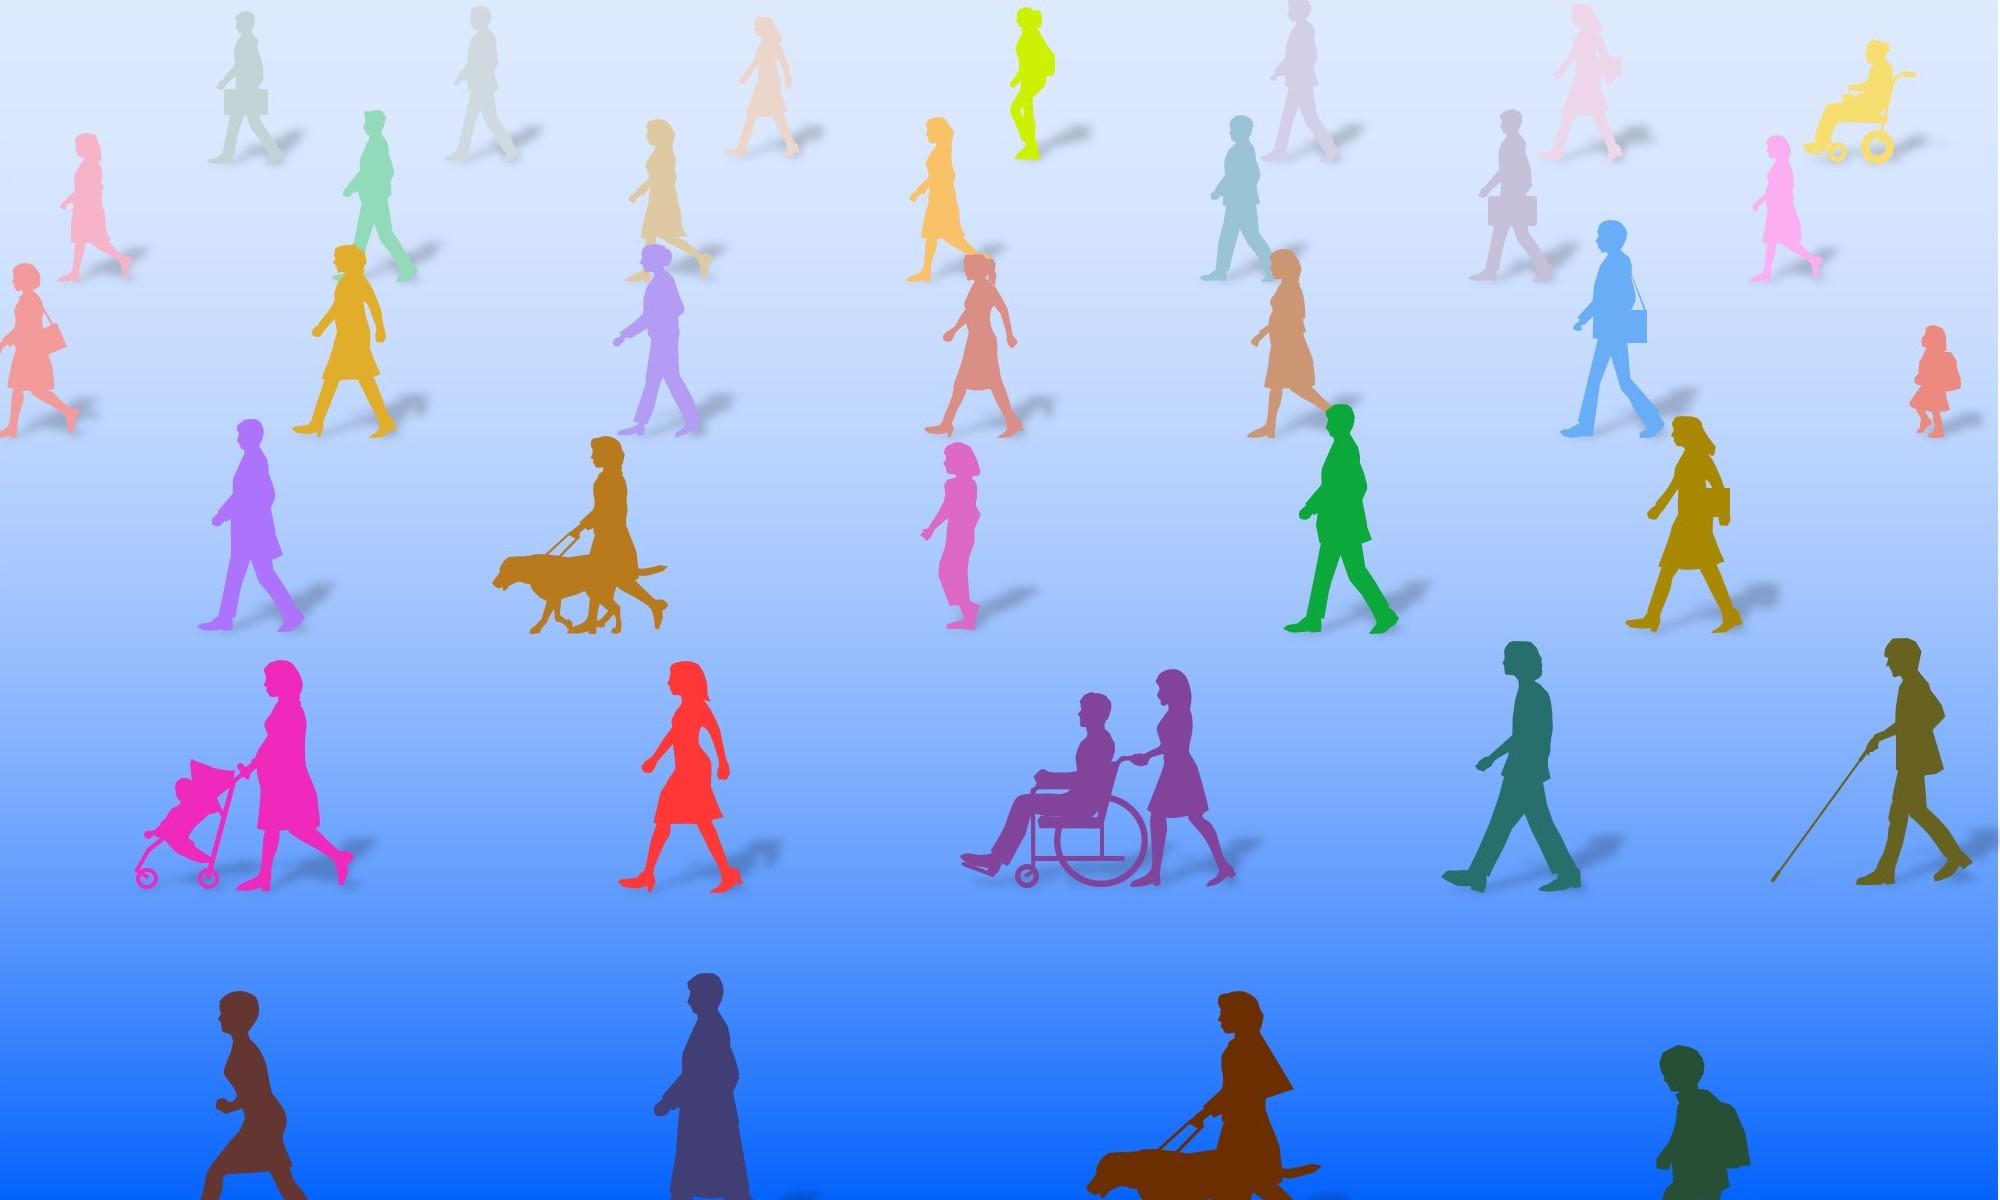 Inclusive Design Network